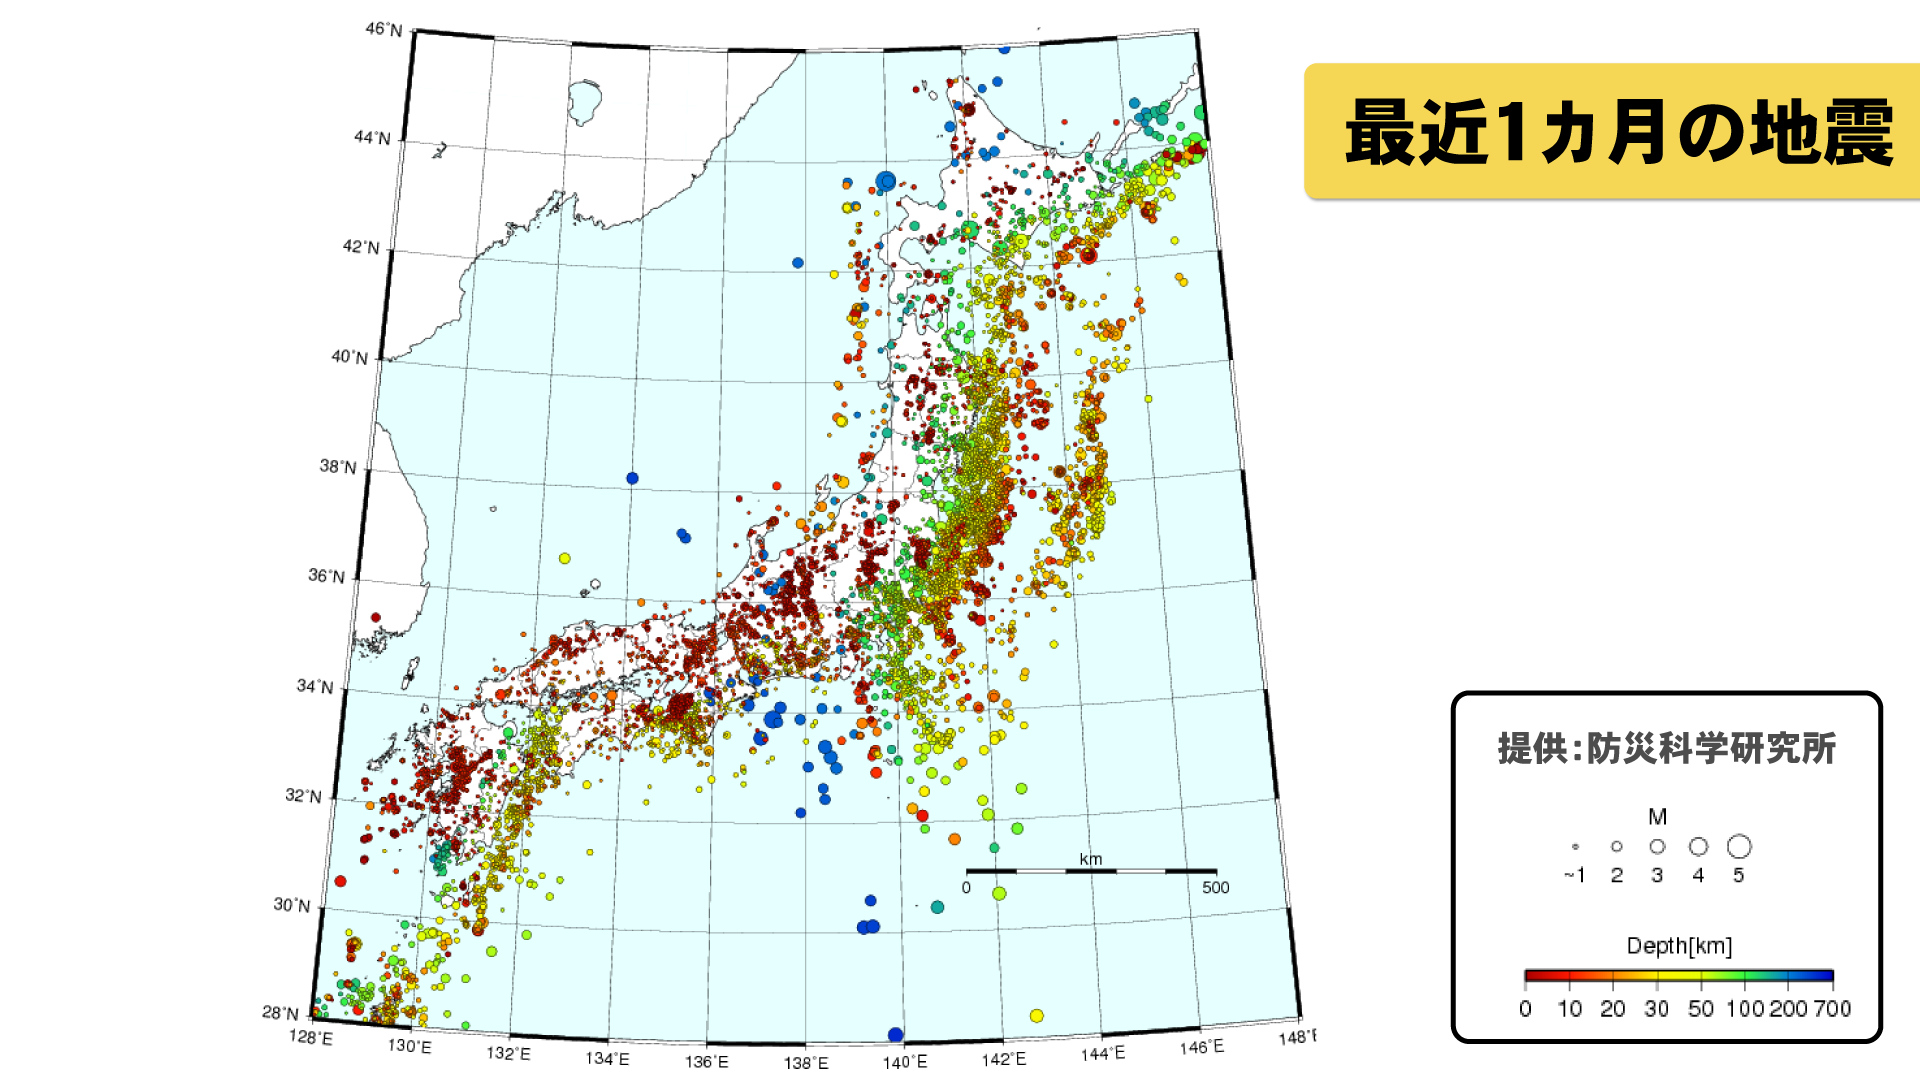 地震 今 の